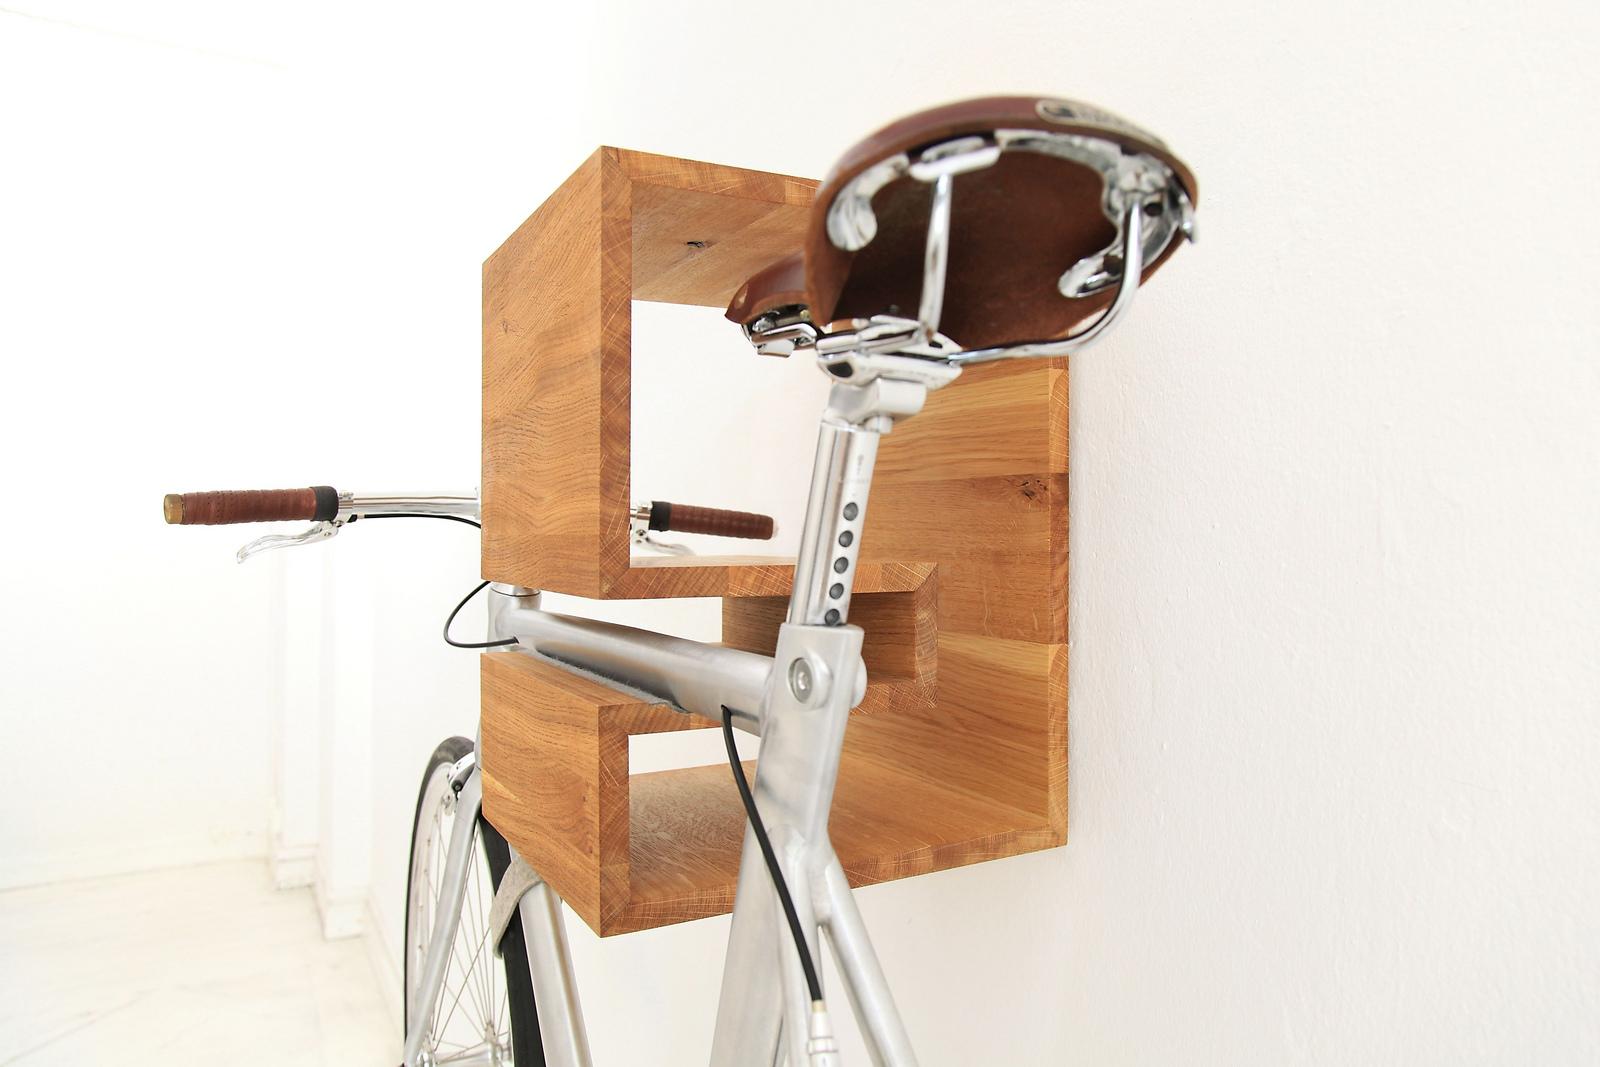 Kapp 212 Bike Storage Shoebox Dwelling Finding Comfort